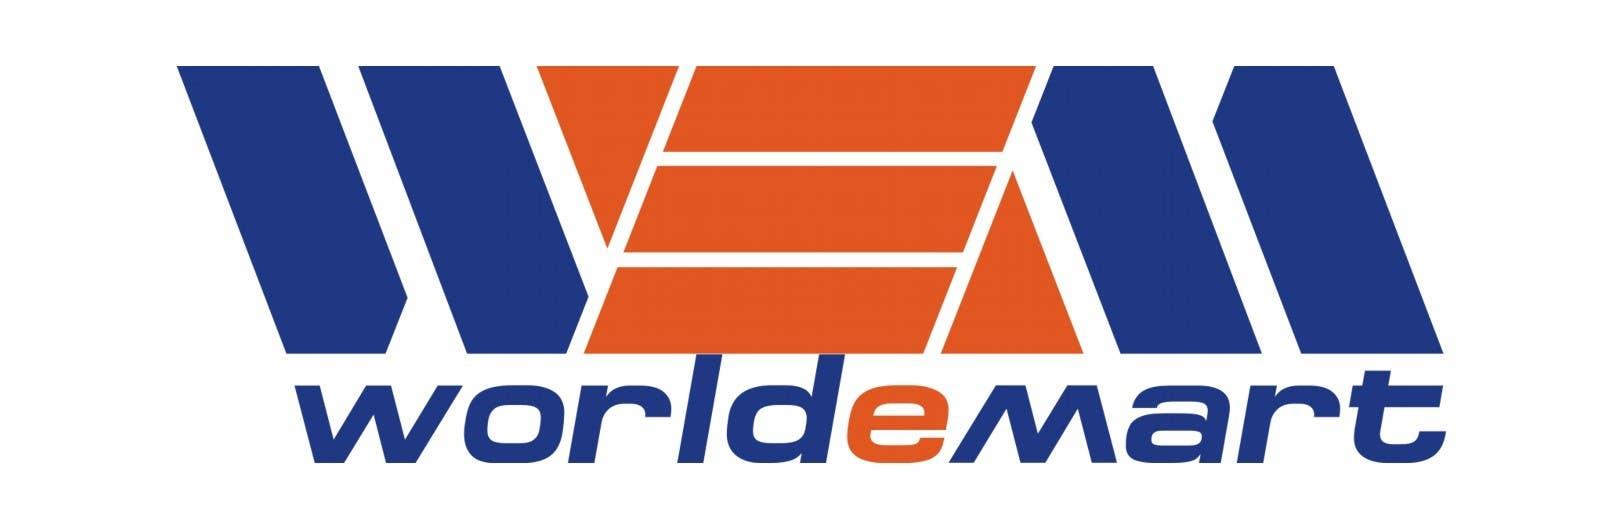 Inscrição nº                                         158                                      do Concurso para                                         Web Design, Software Development and Online marketing company